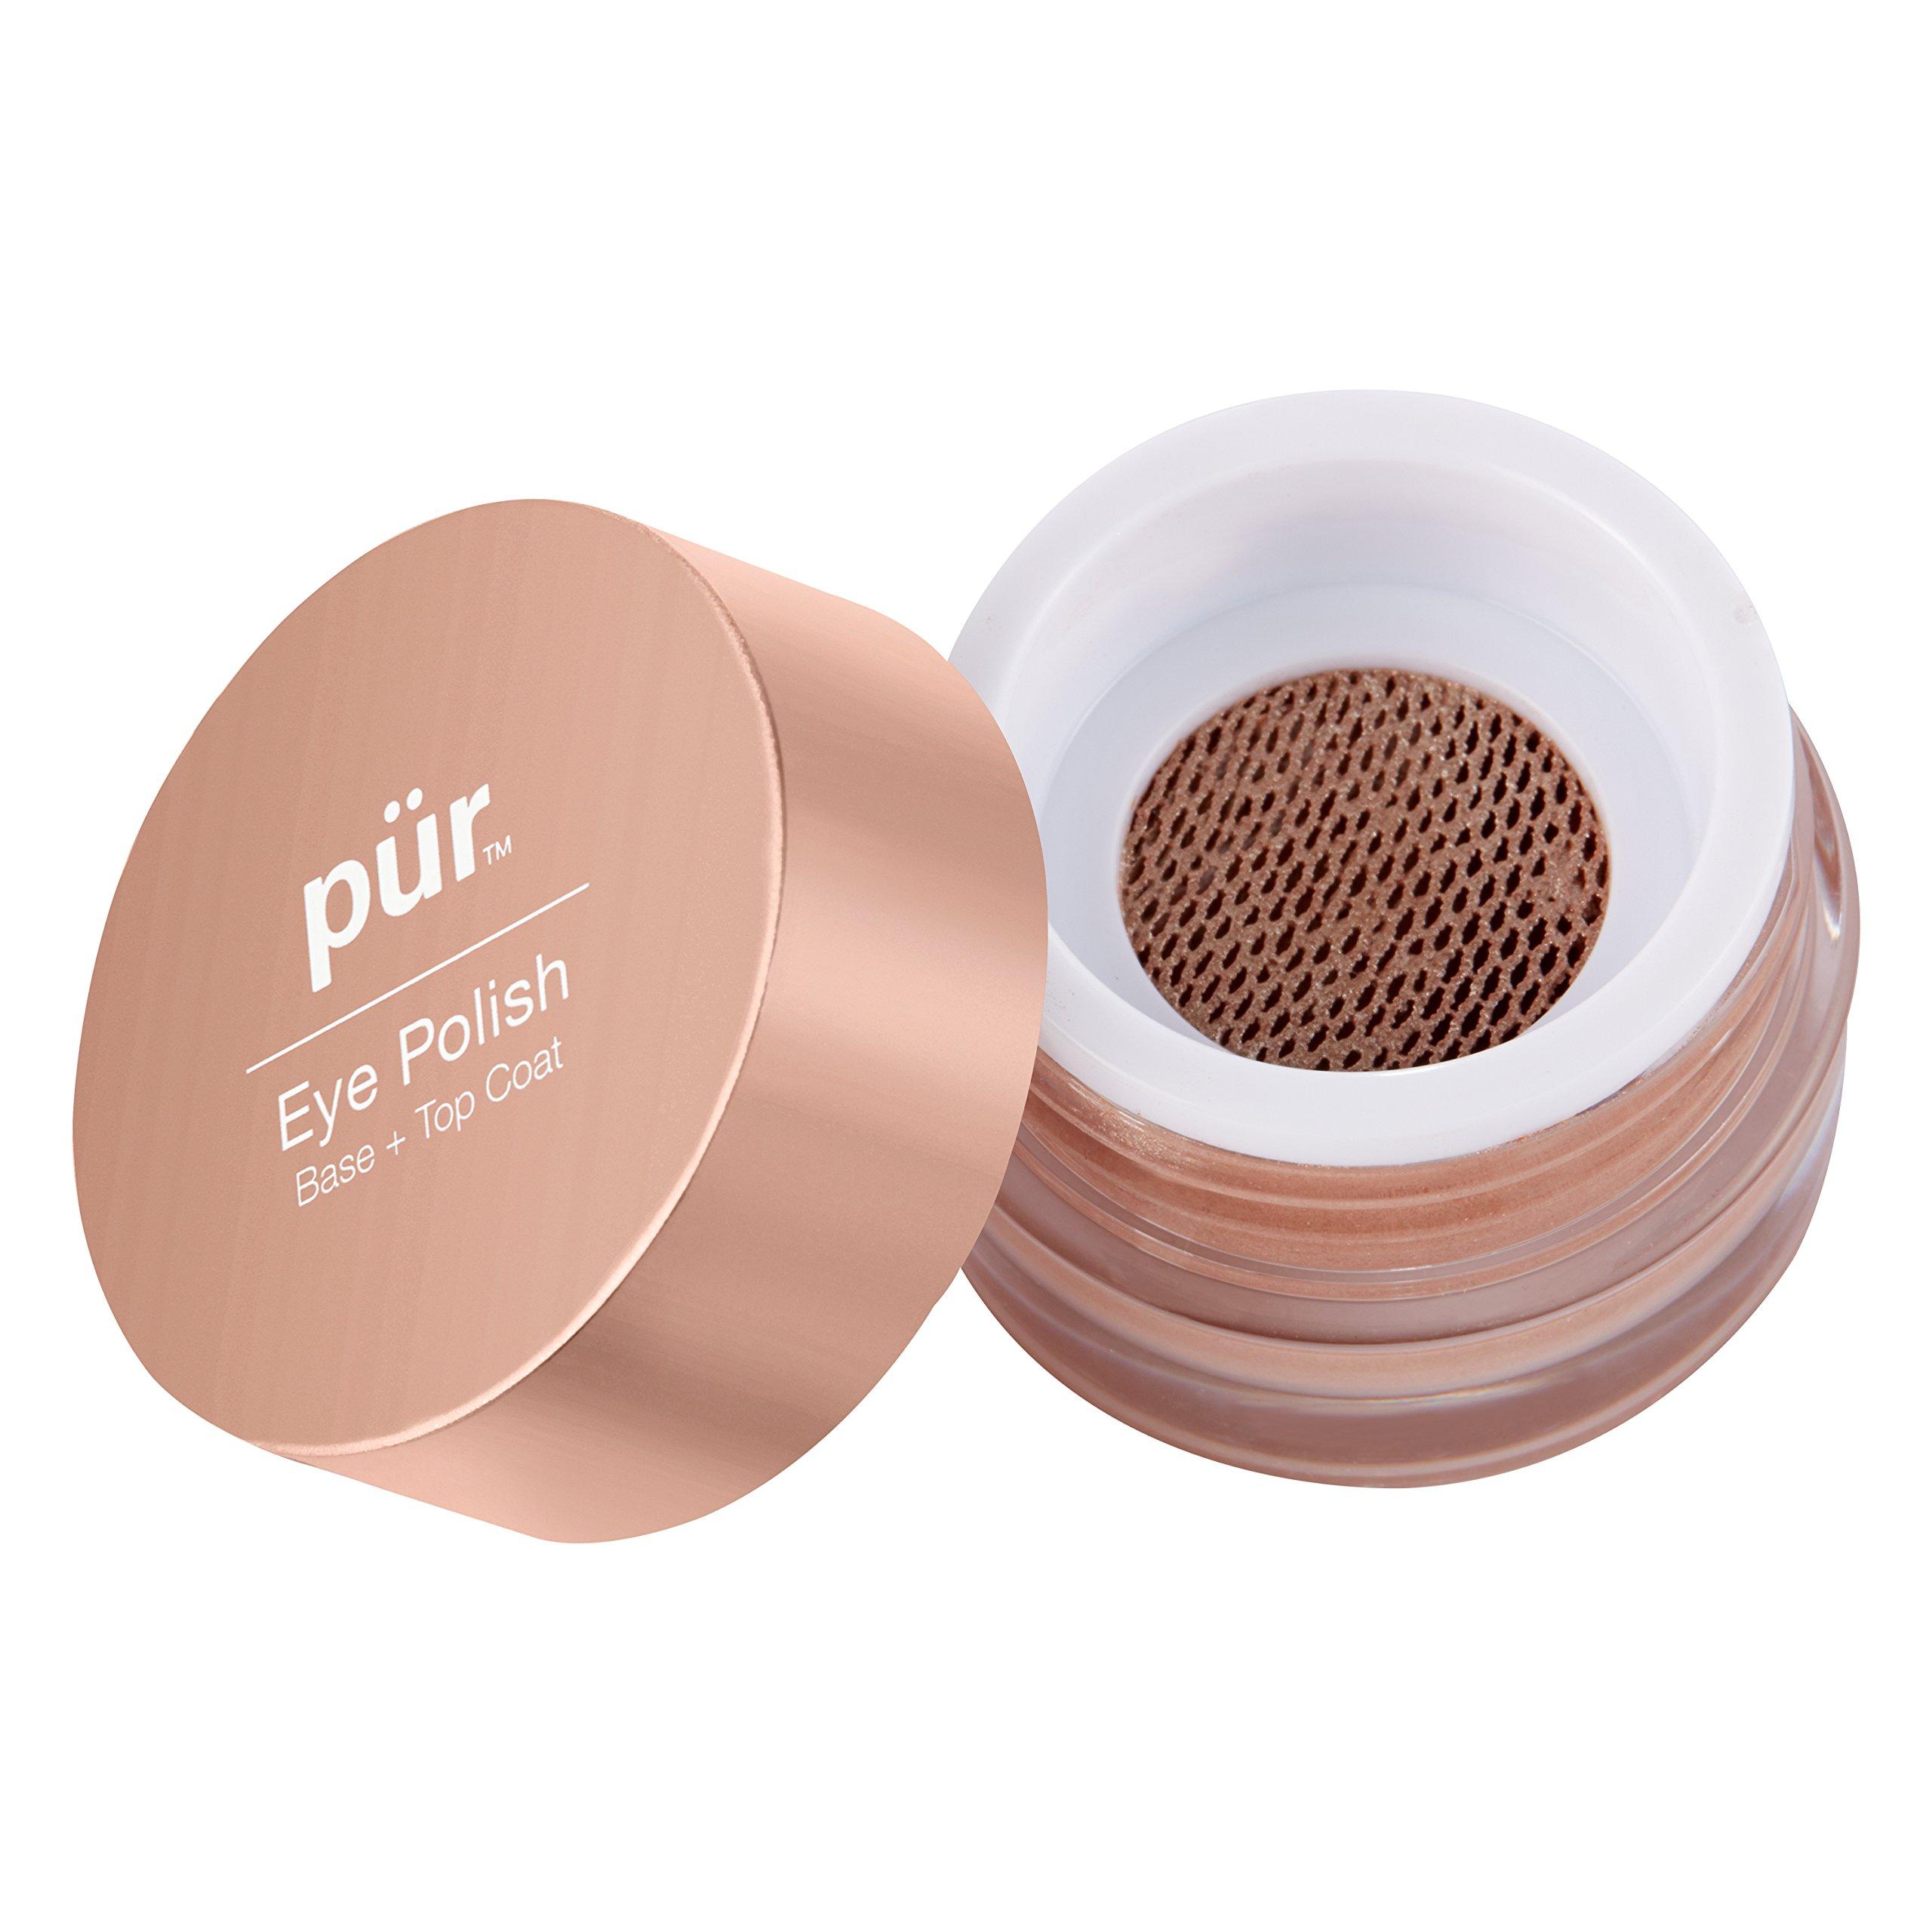 PÜR Eye Polish in  Satin, 0.28 Ounce by PÜR